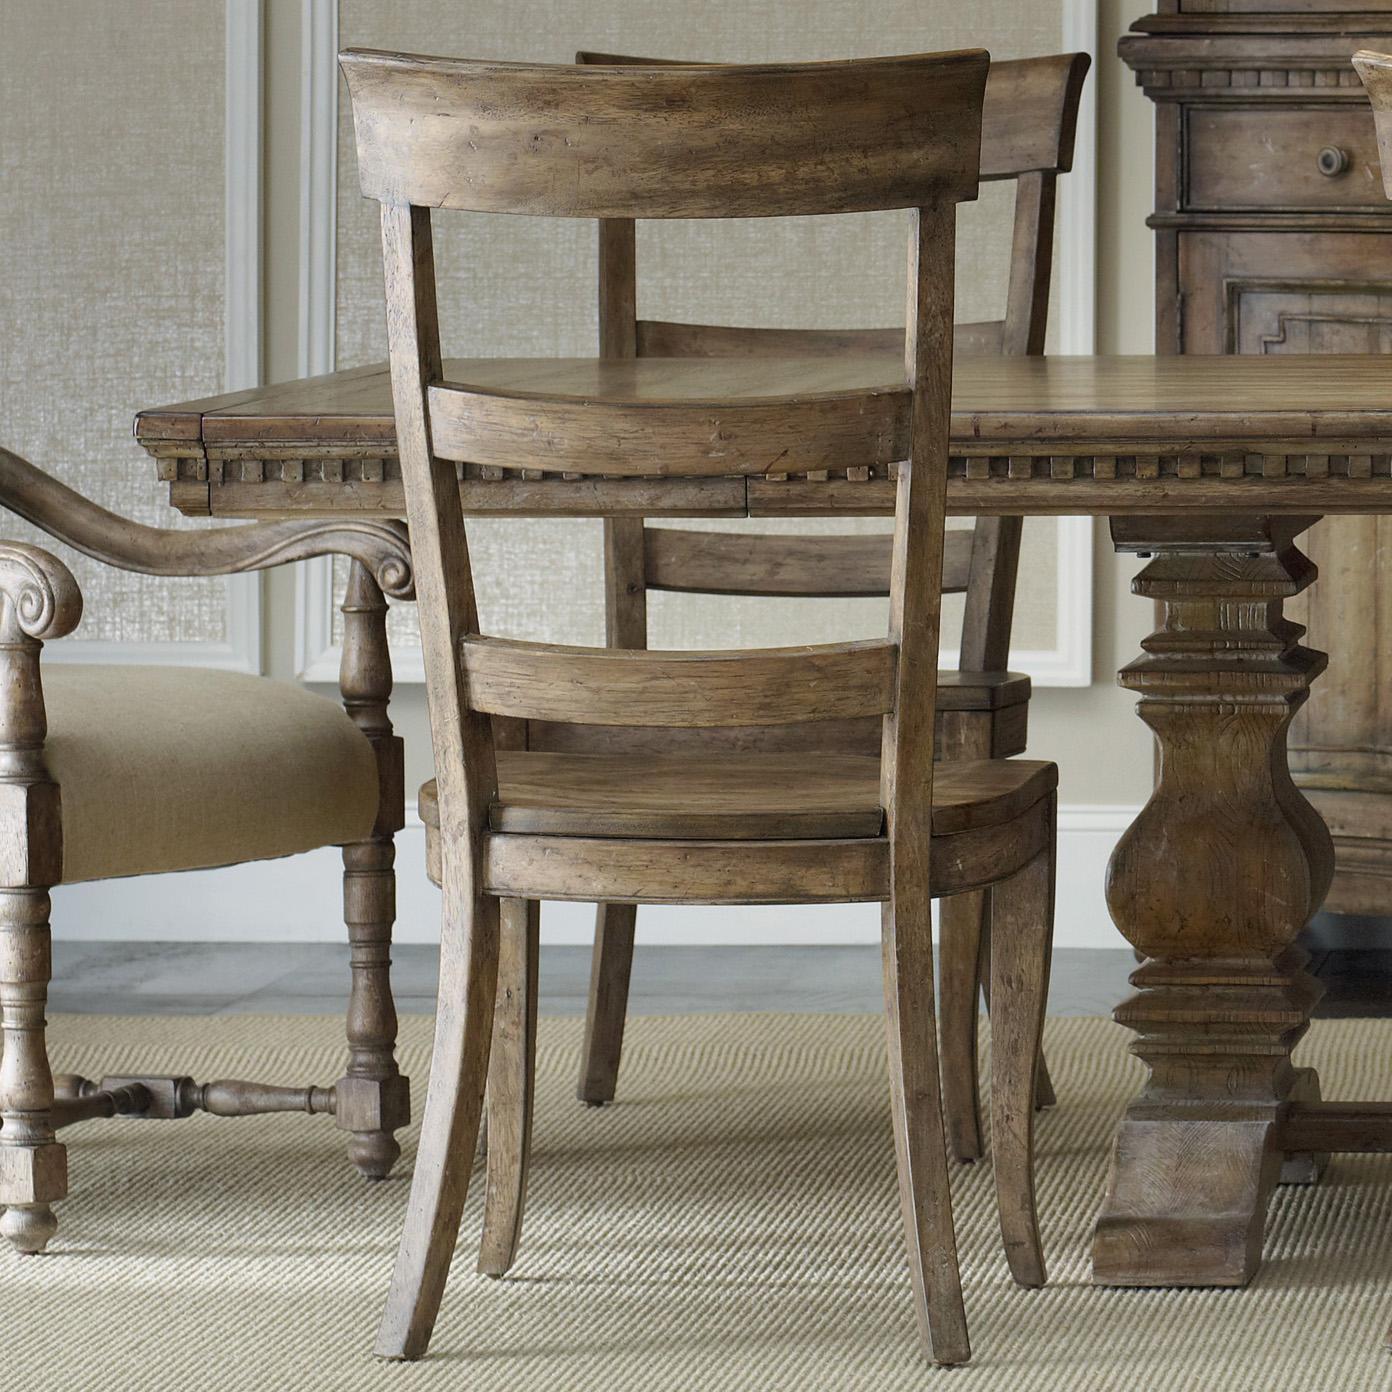 Hooker Furniture Sorella Ladderback Side Chair - Item Number: 5107-75310